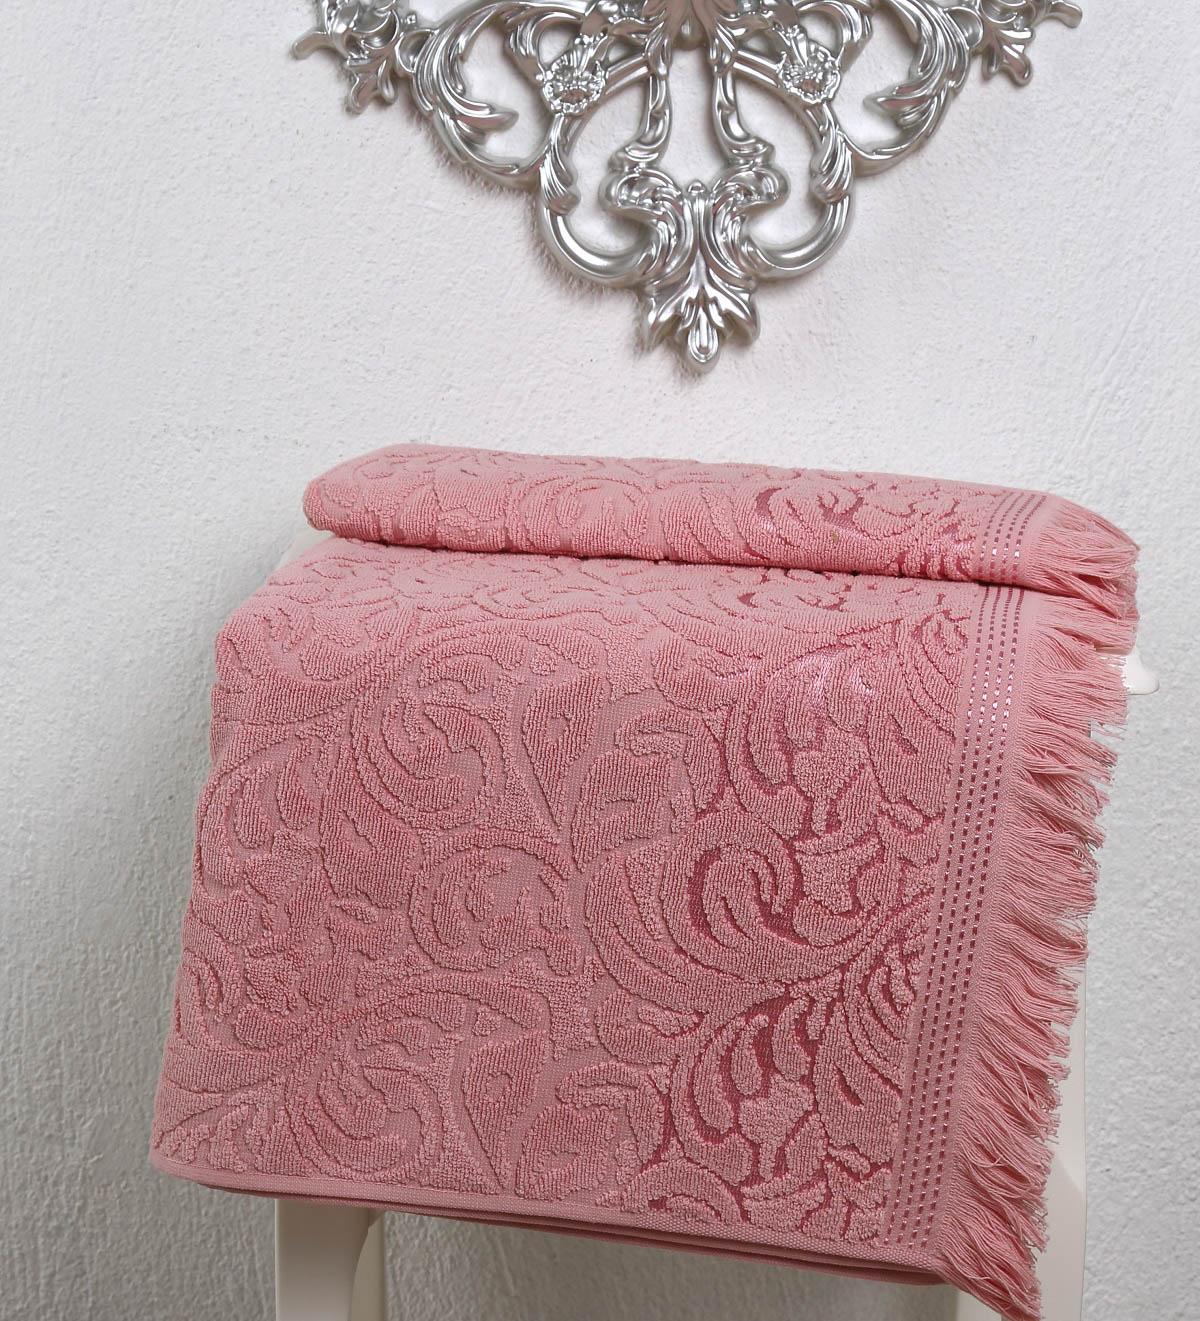 Полотенца Karna Полотенце Esra Цвет: Розовый (70х140 см) karna karna полотенце innes цвет красный 70х140 см